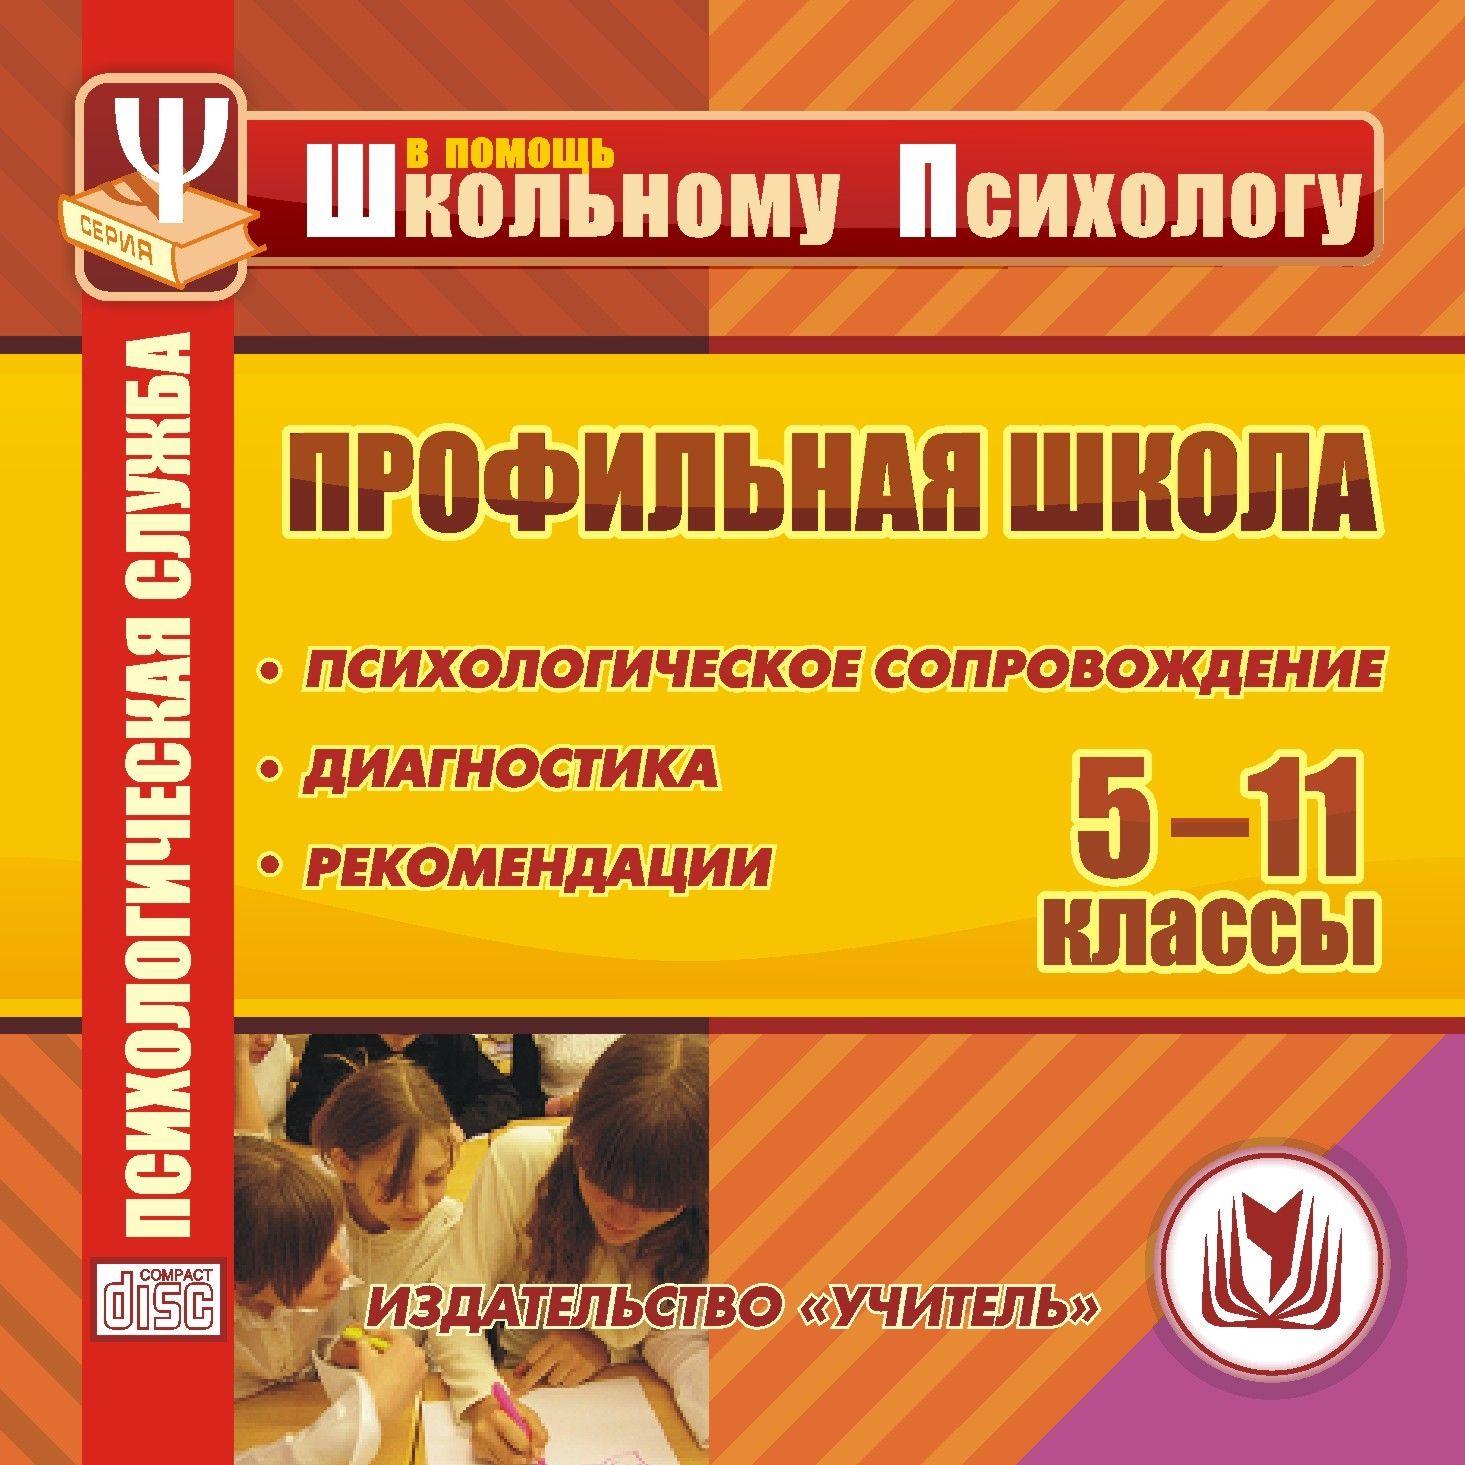 Профильная школа. Компакт-диск для компьютера: Психологическое сопровождение. Диагностика. Рекомендации.